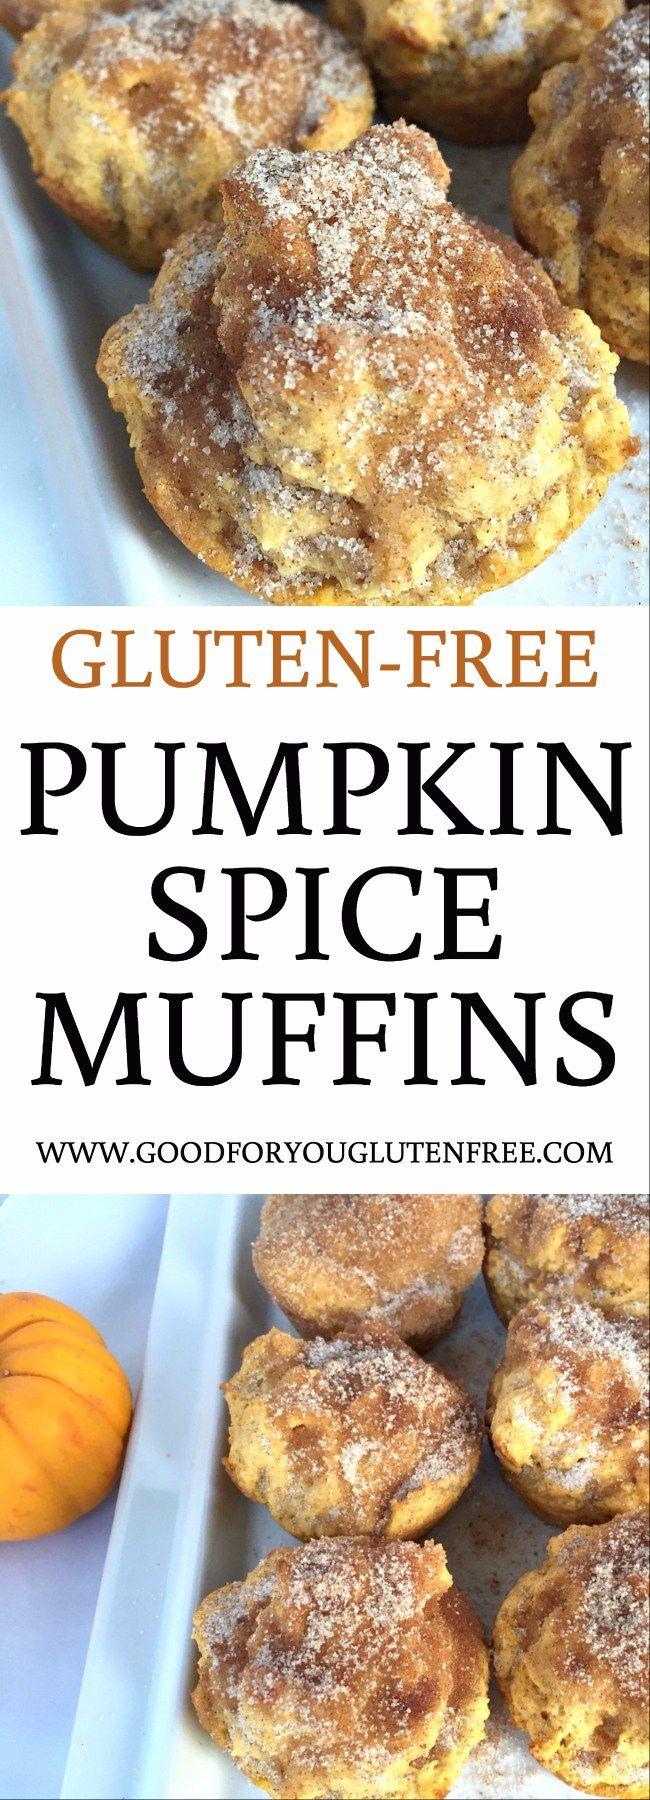 Gluten Free Pumpkin Pie Spiced Muffins